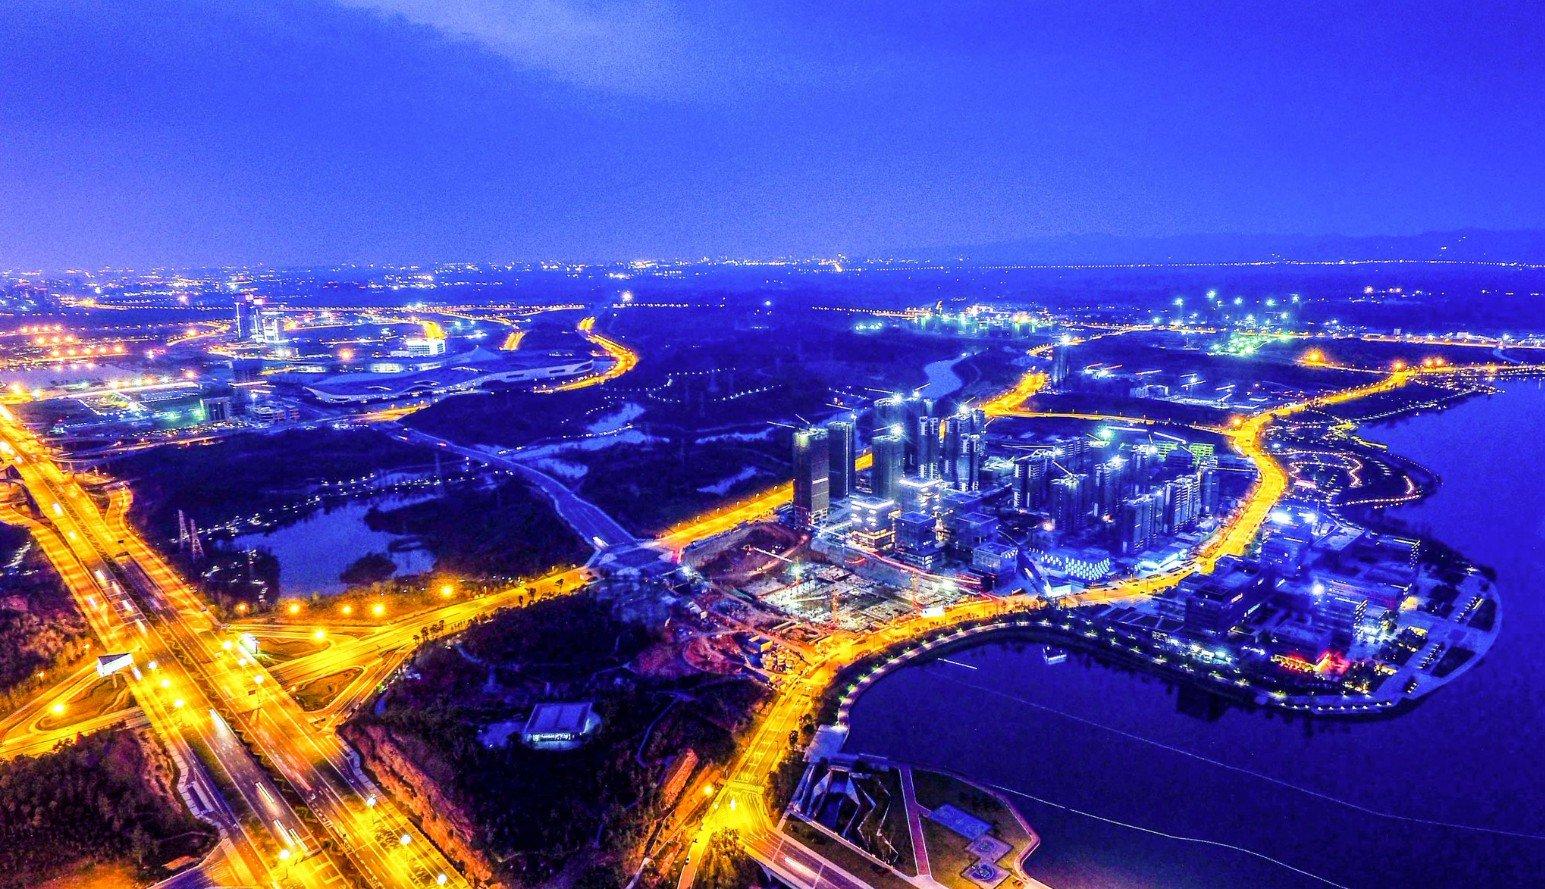 China registra crecimiento estable de inversión extranjera directa en primera mitad 2019